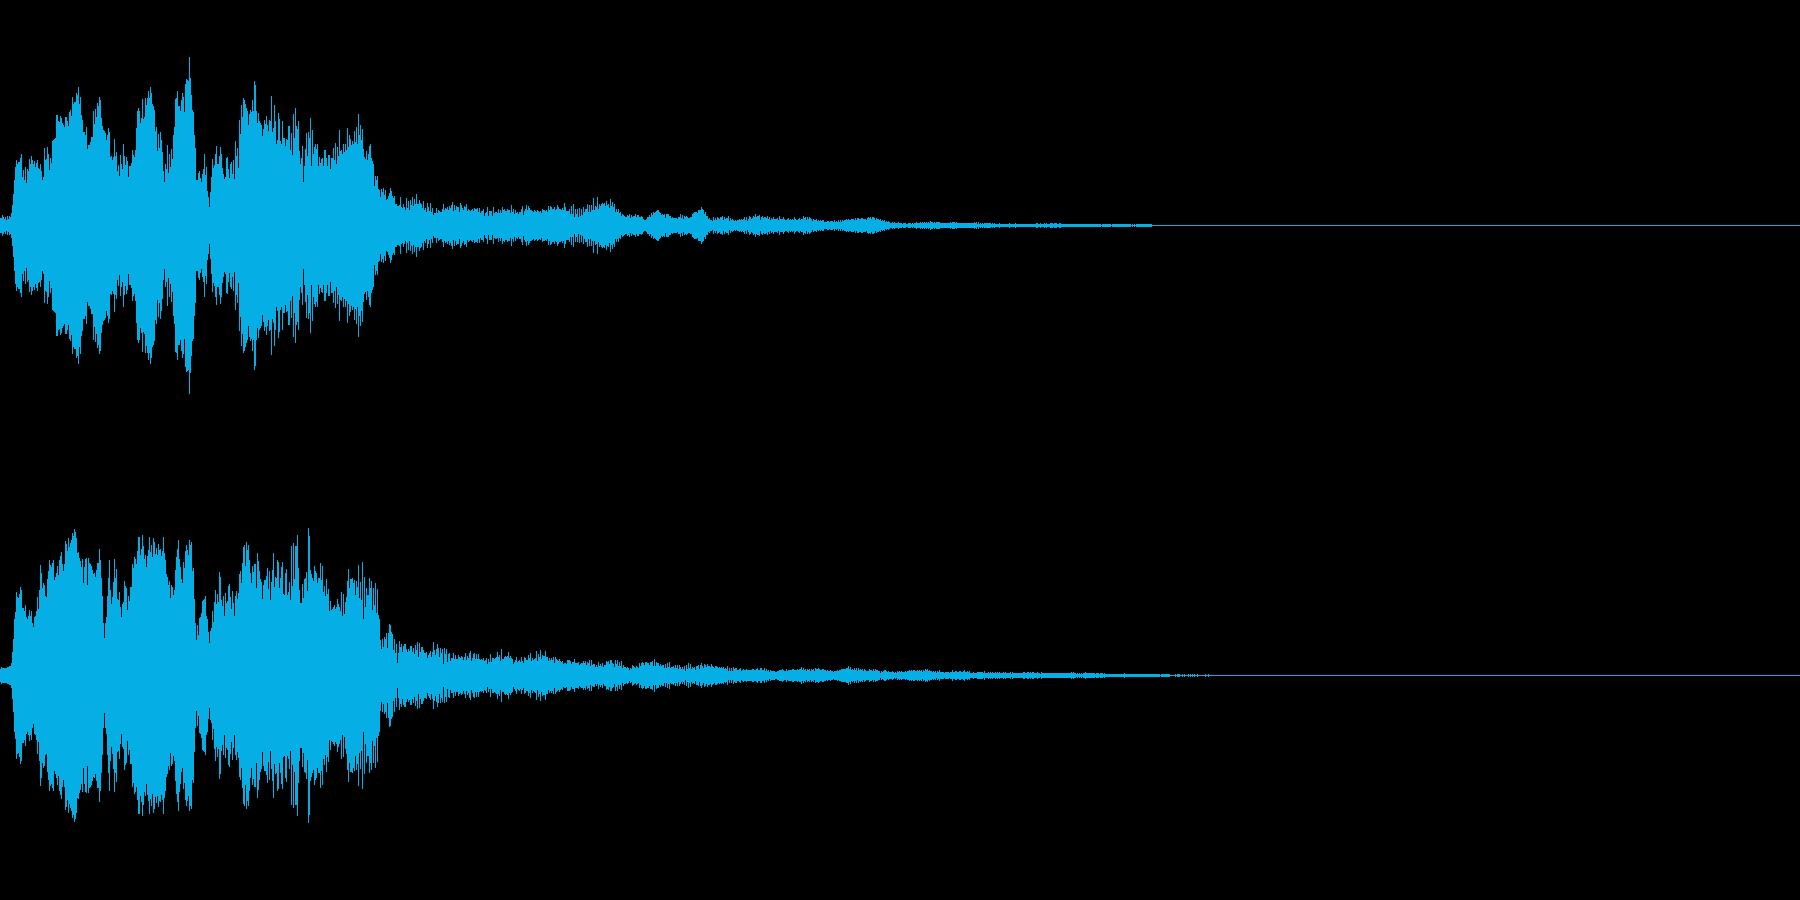 決定音(ゲーム寄りの音)の再生済みの波形